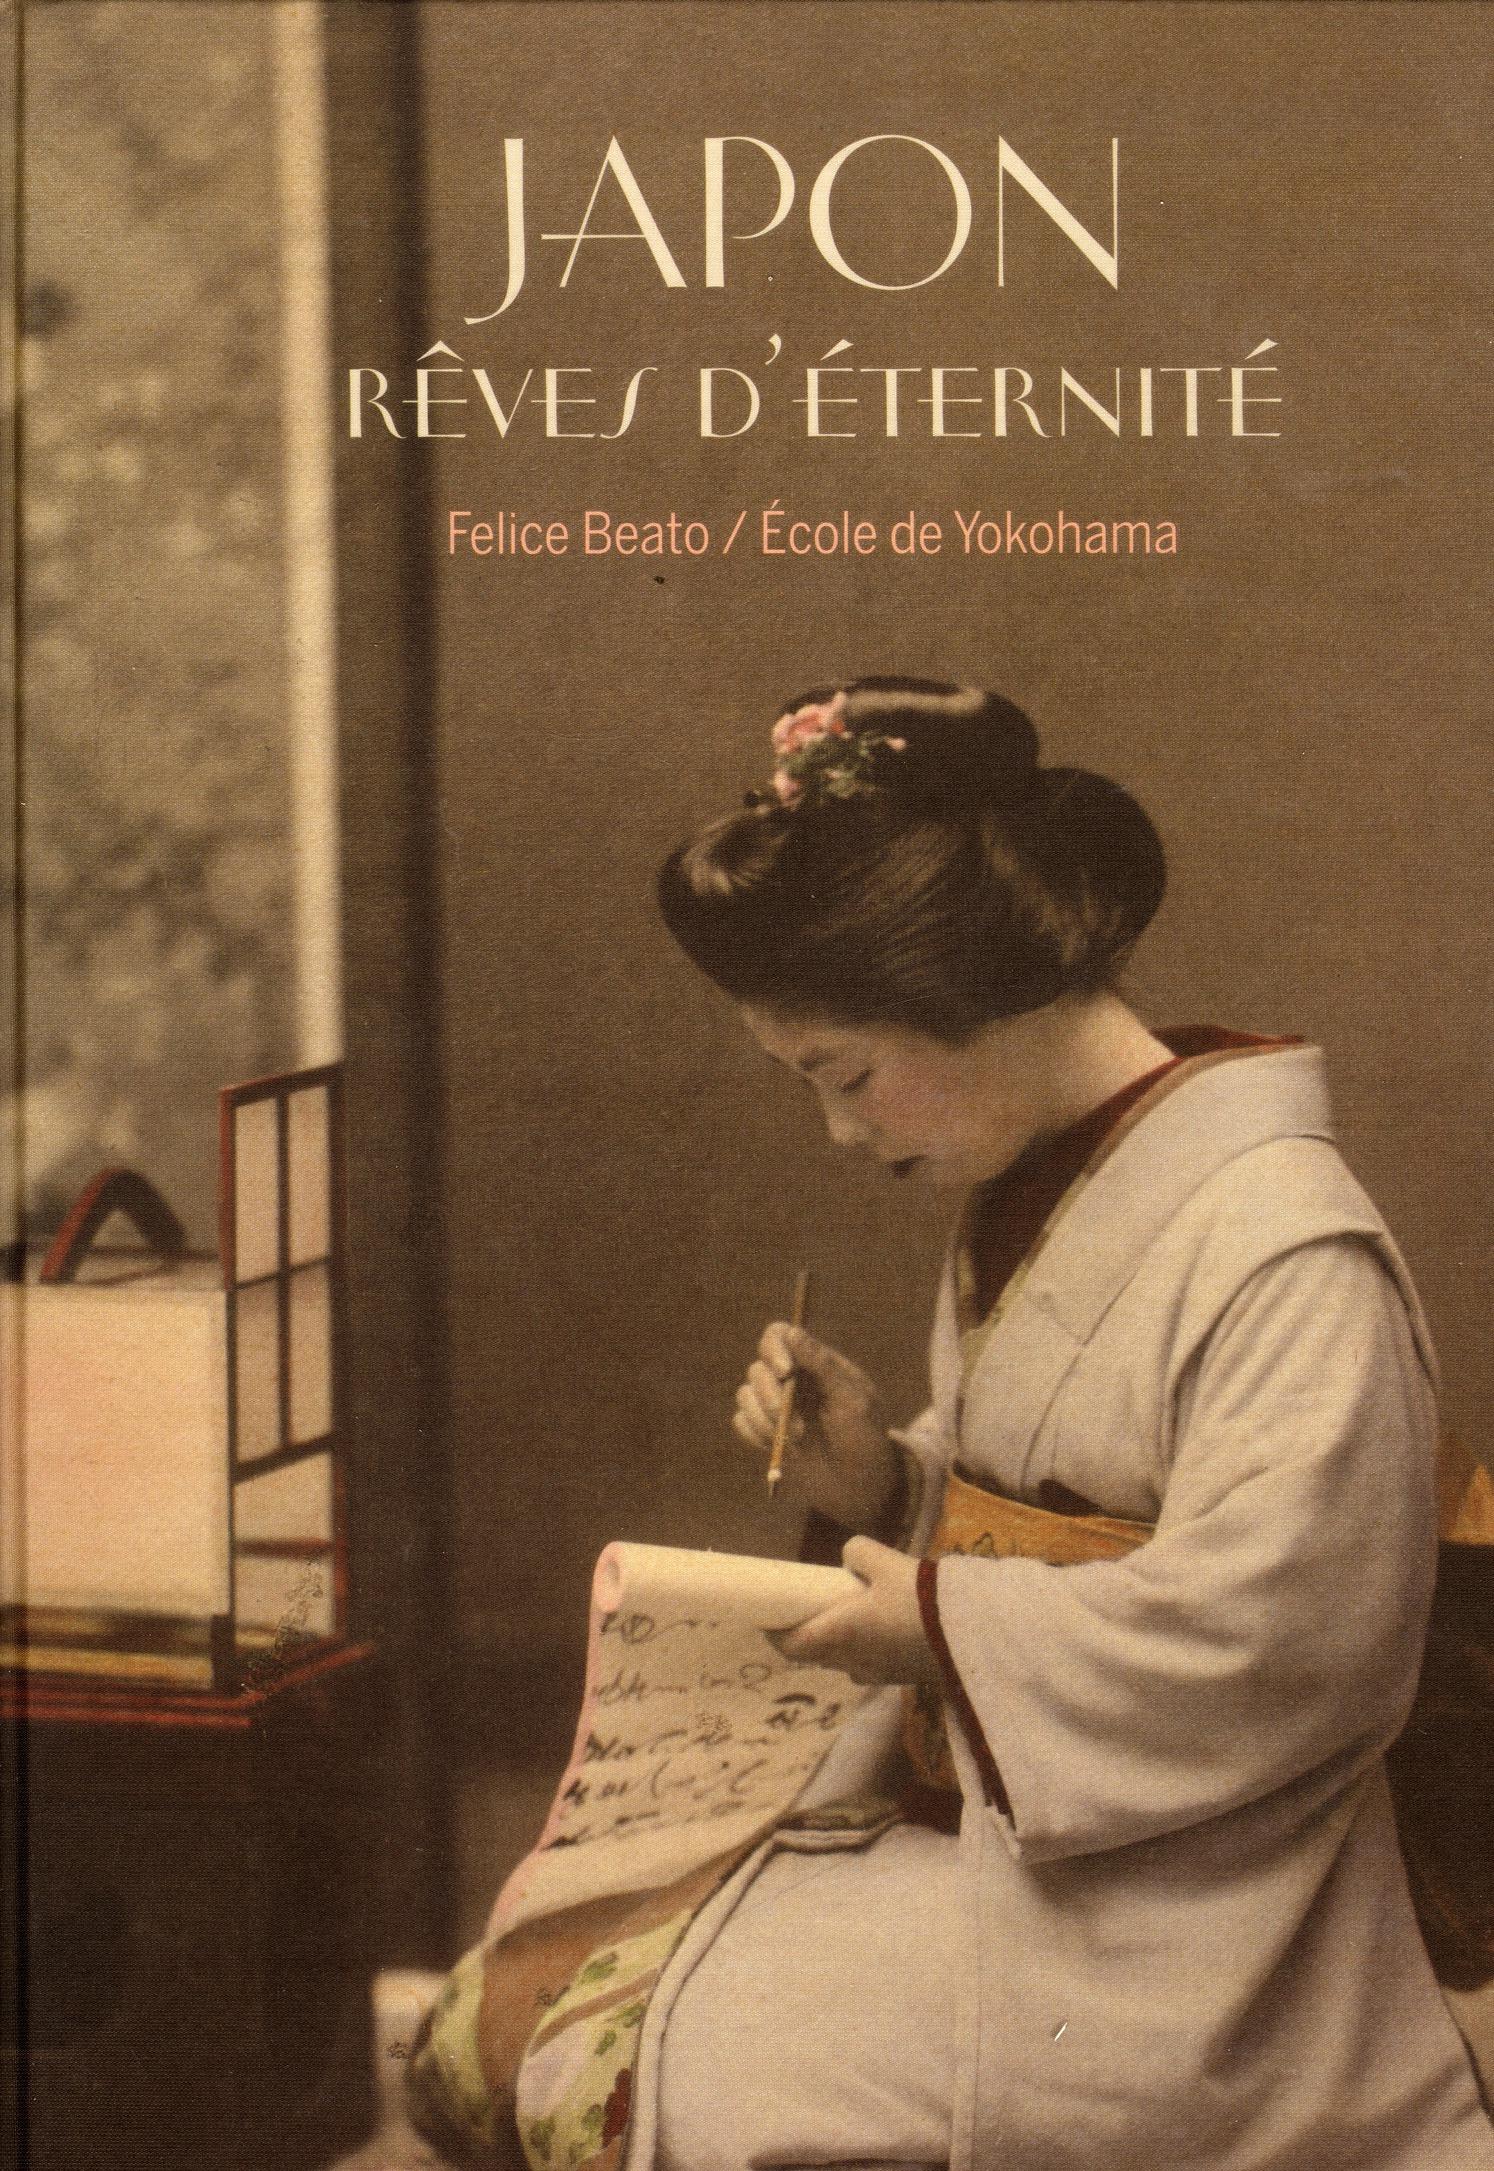 JAPON, REVES D'ETERNITE